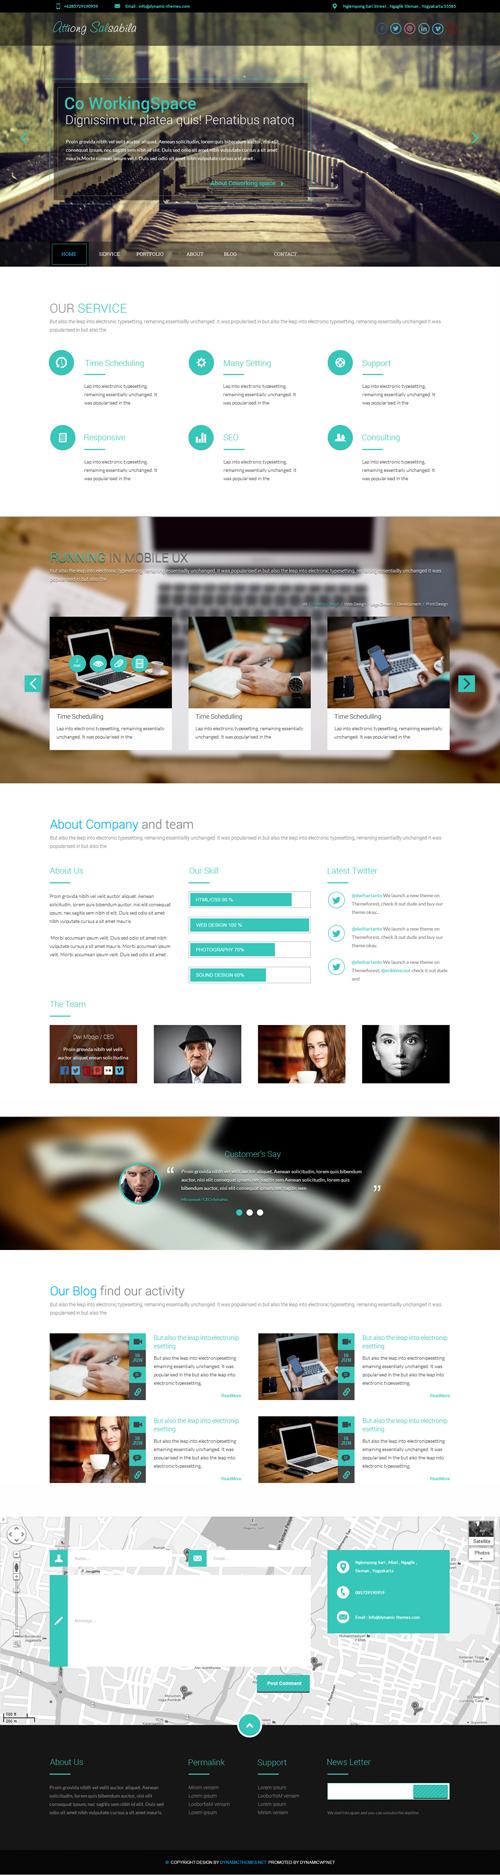 Salsabila - One Page WordPress Theme